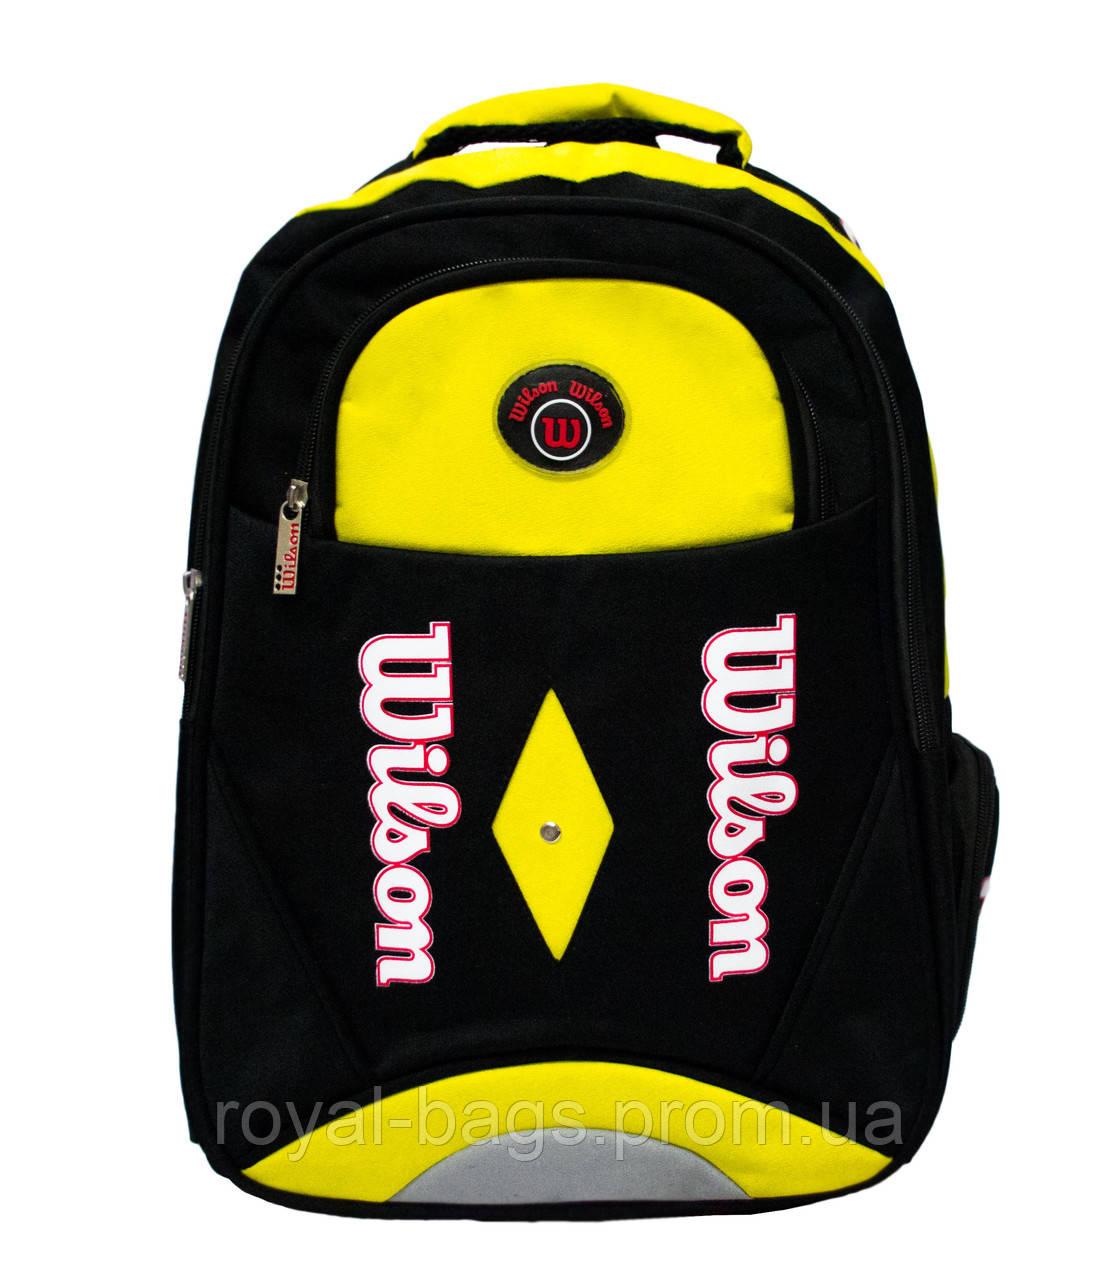 Рюкзак Wilson Цвет Желтый.